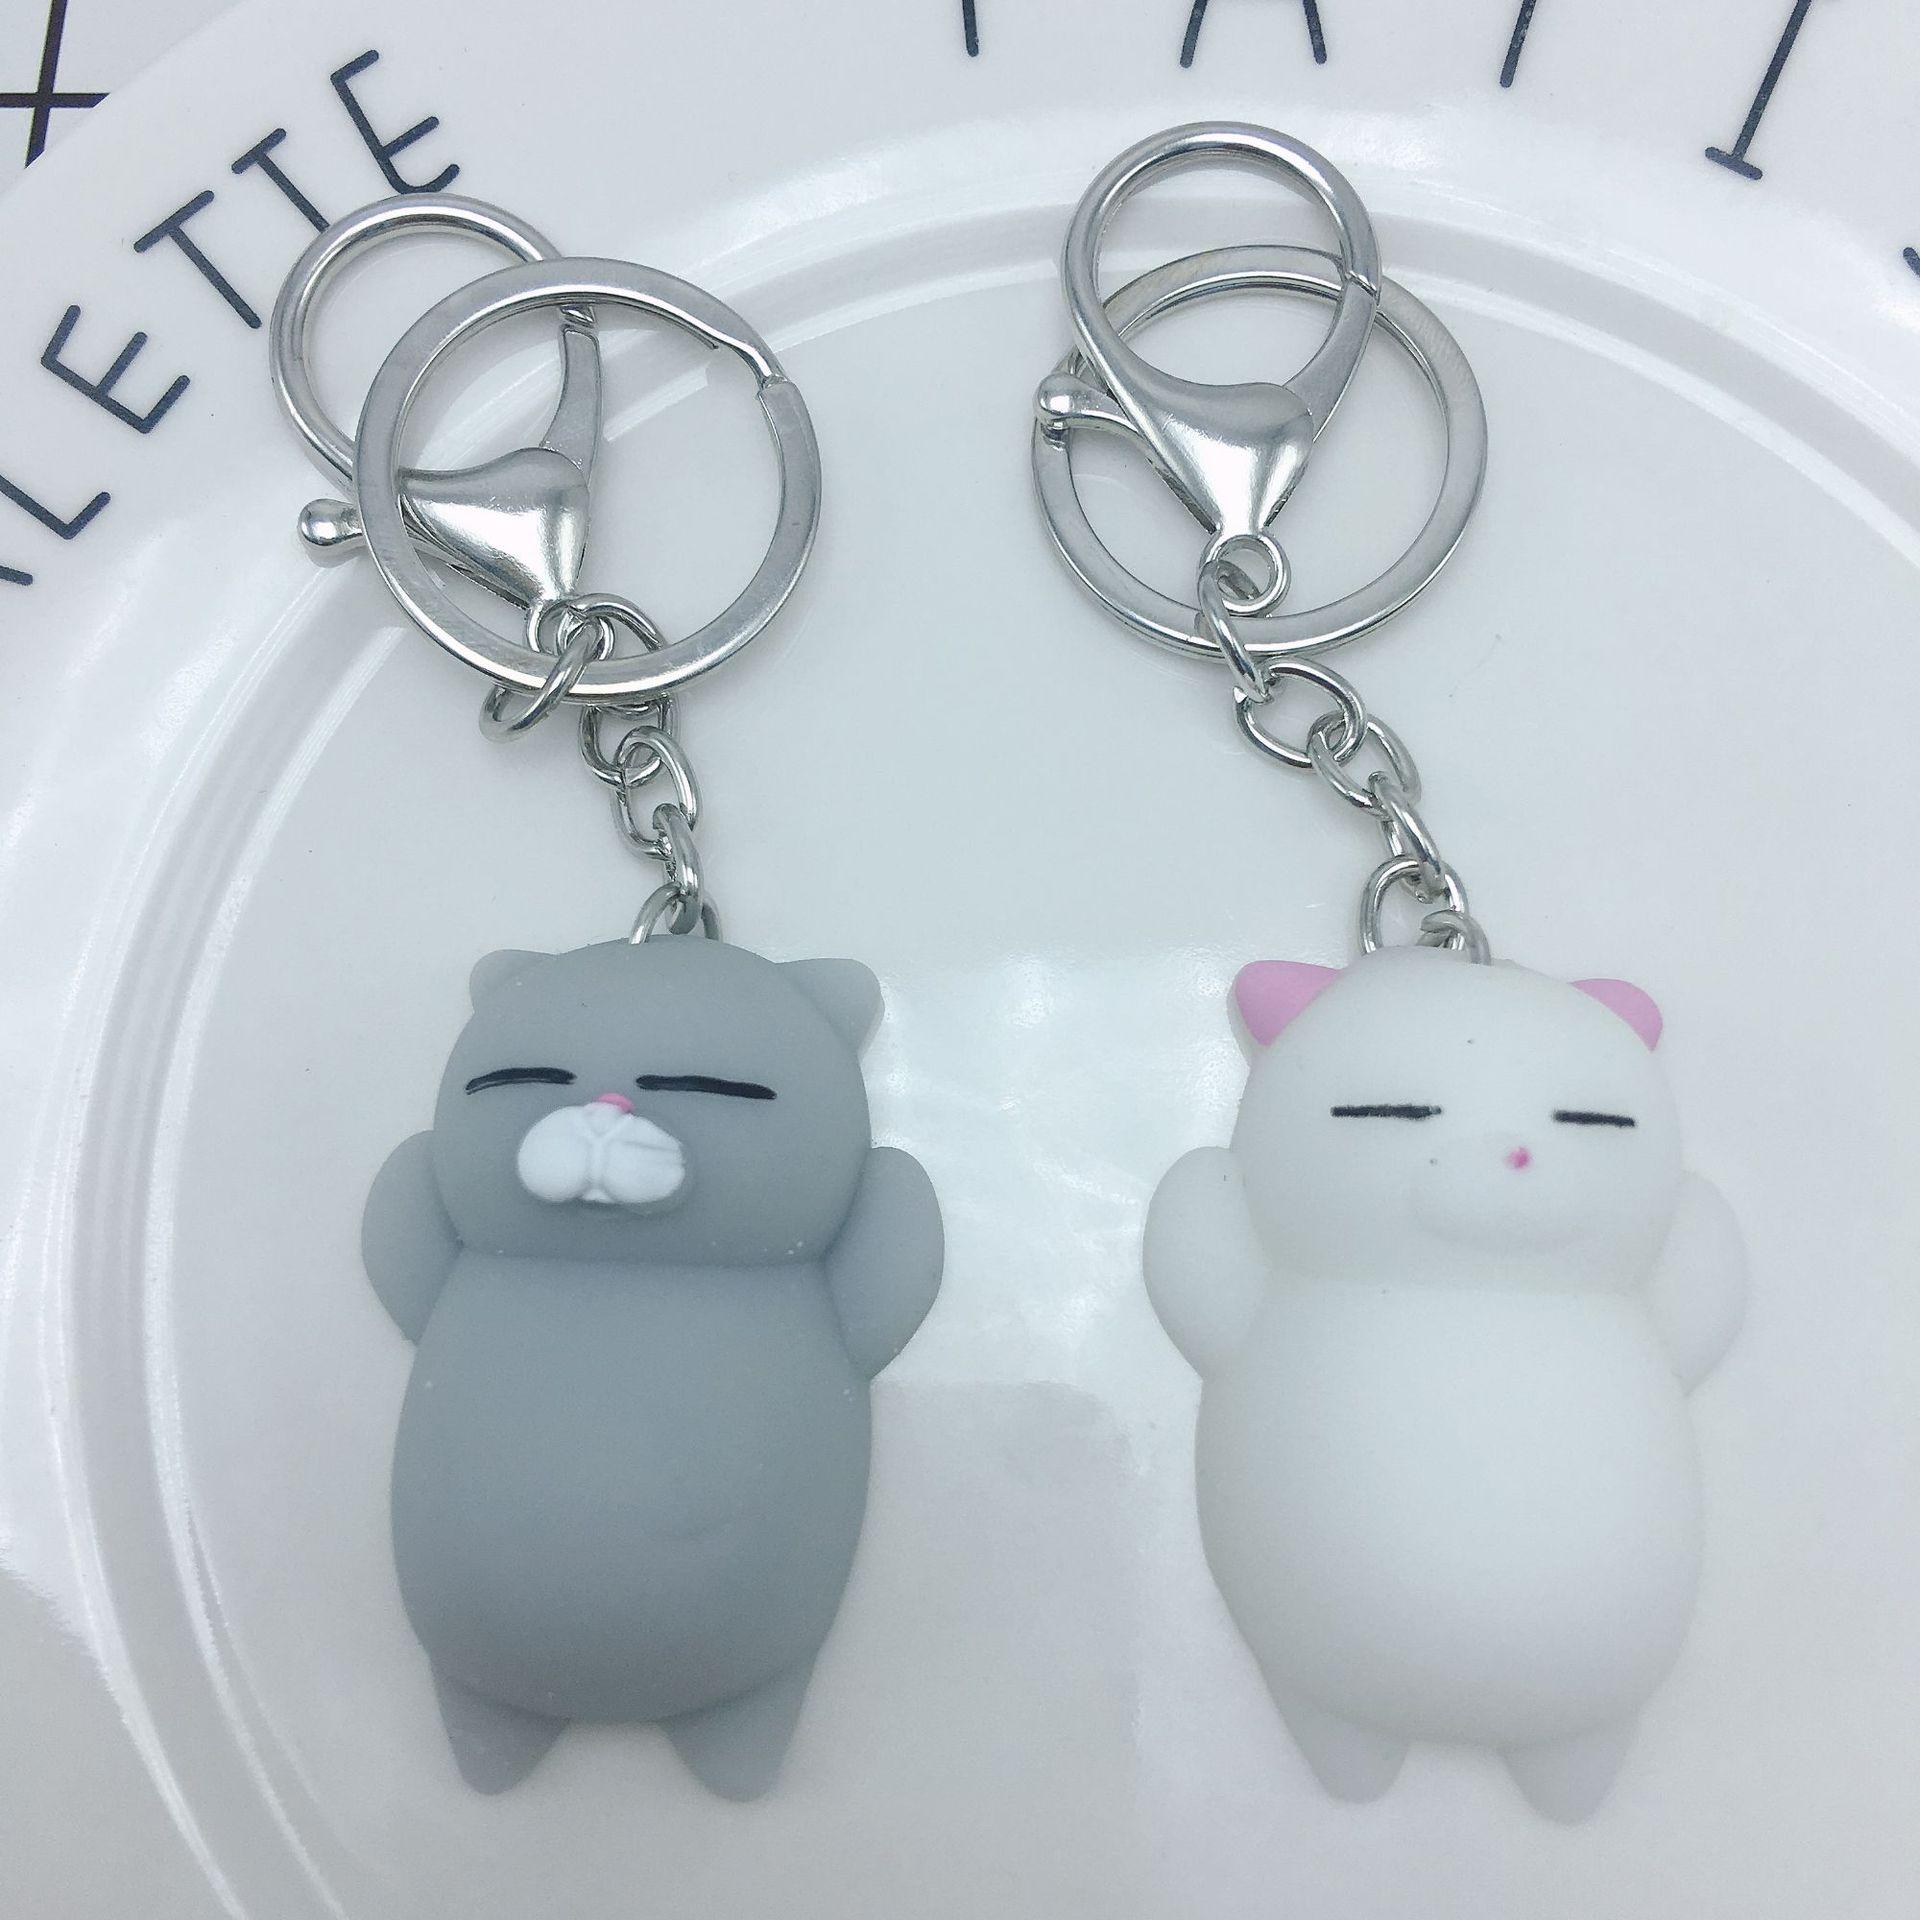 团子海豹北极熊 捏捏乐玩偶钥匙扣可爱团子玩偶钥匙扣玩偶超萌团子海豹 阿里巴巴